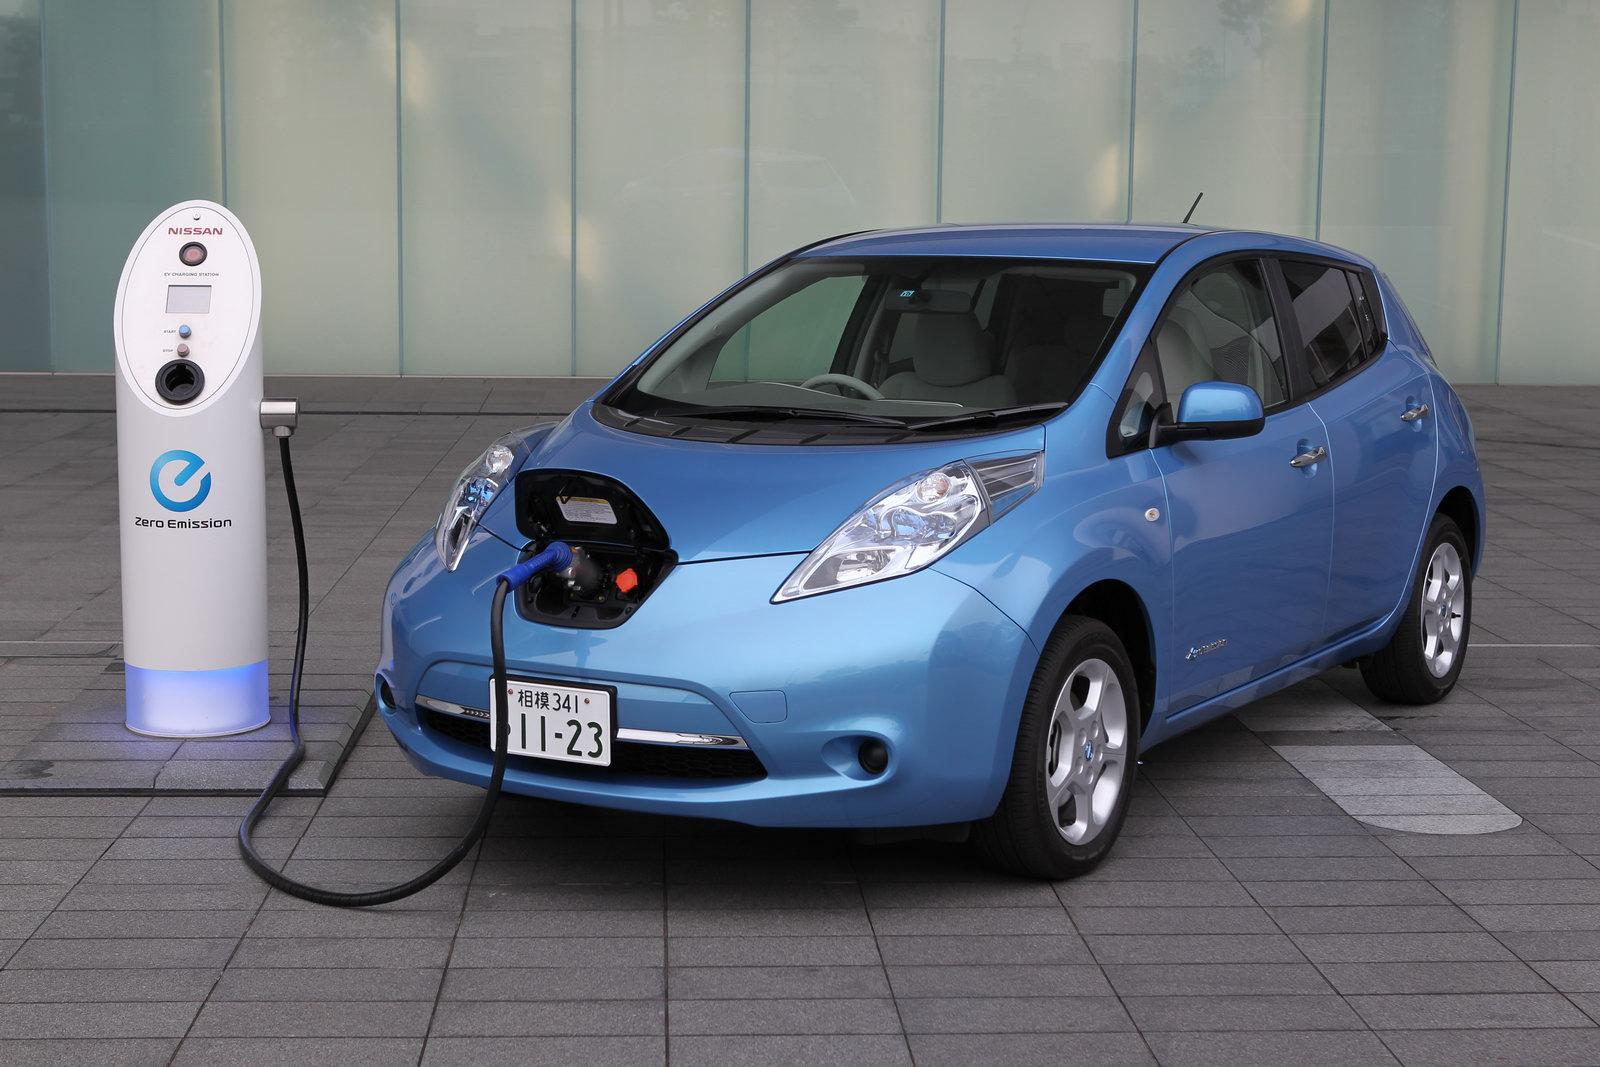 Isenção de impostos em carros elétricos poderá chacoalhar o mercado brasileiro